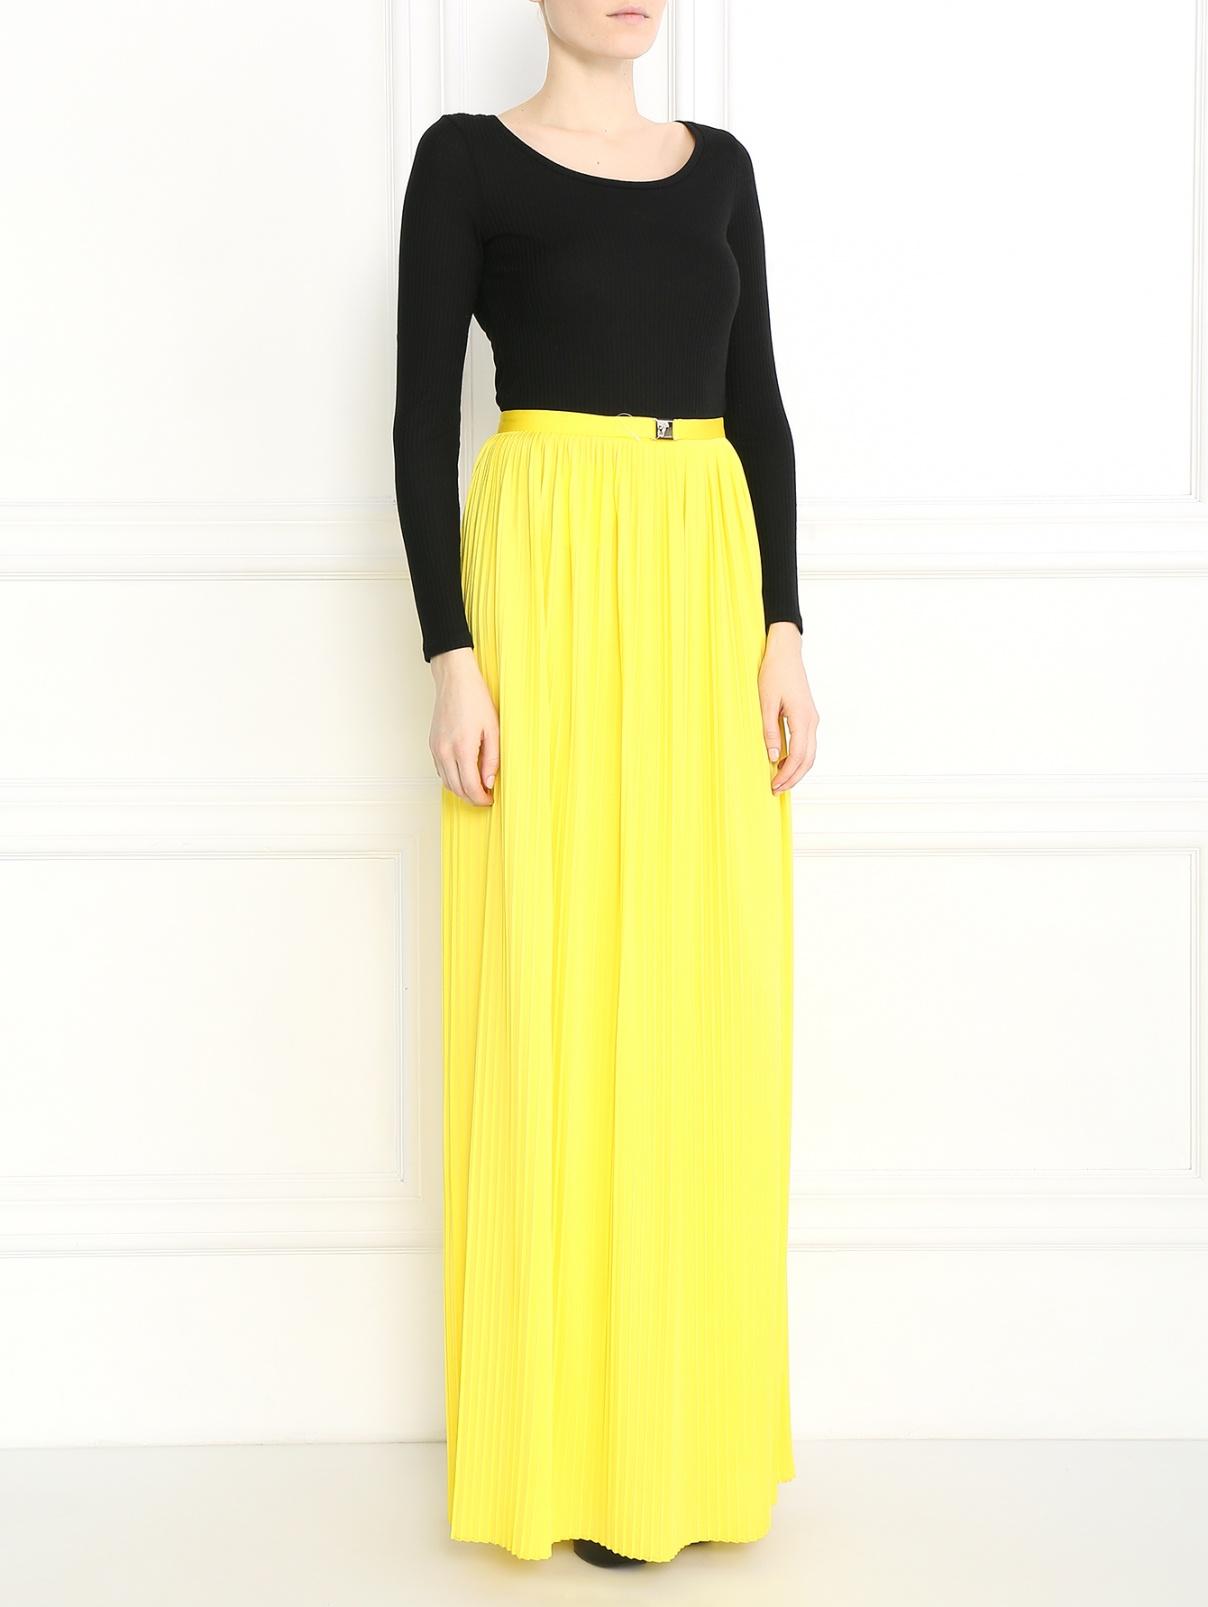 Плиссированная юбка-макси с металлической фурнитурой Versace Collection  –  Модель Общий вид  – Цвет:  Желтый